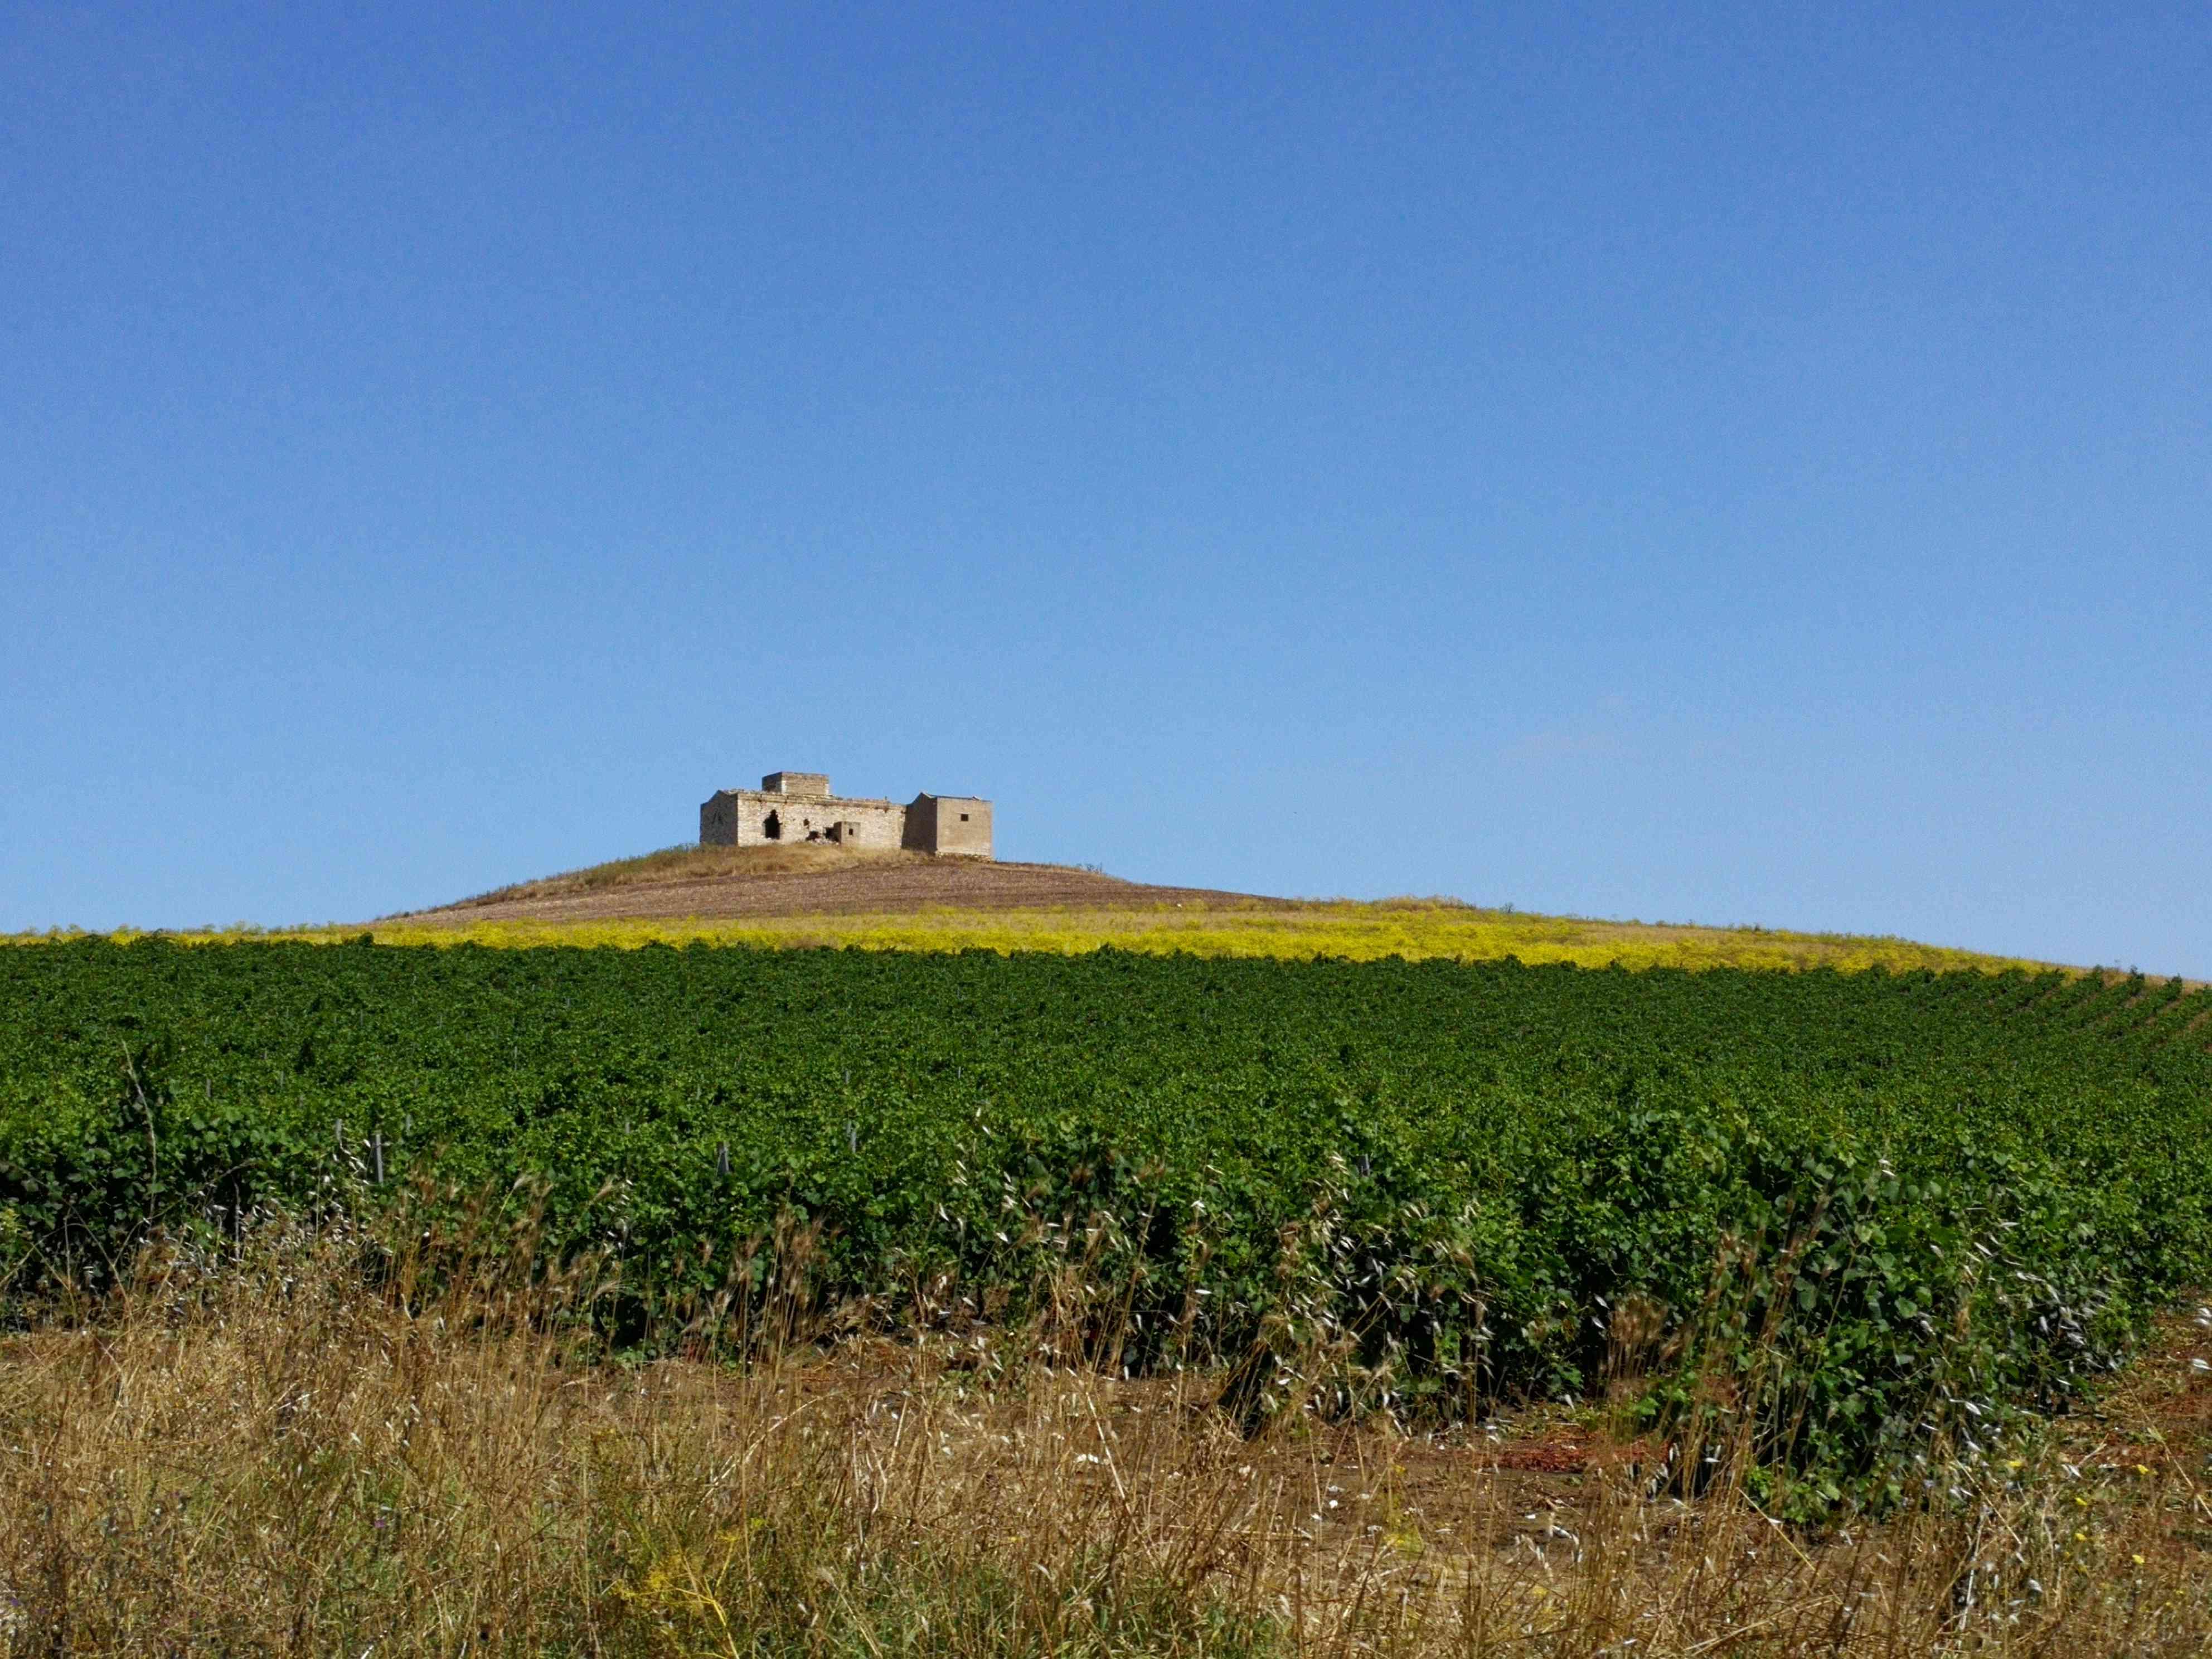 Campi con una casa di pietra sullo sfondo